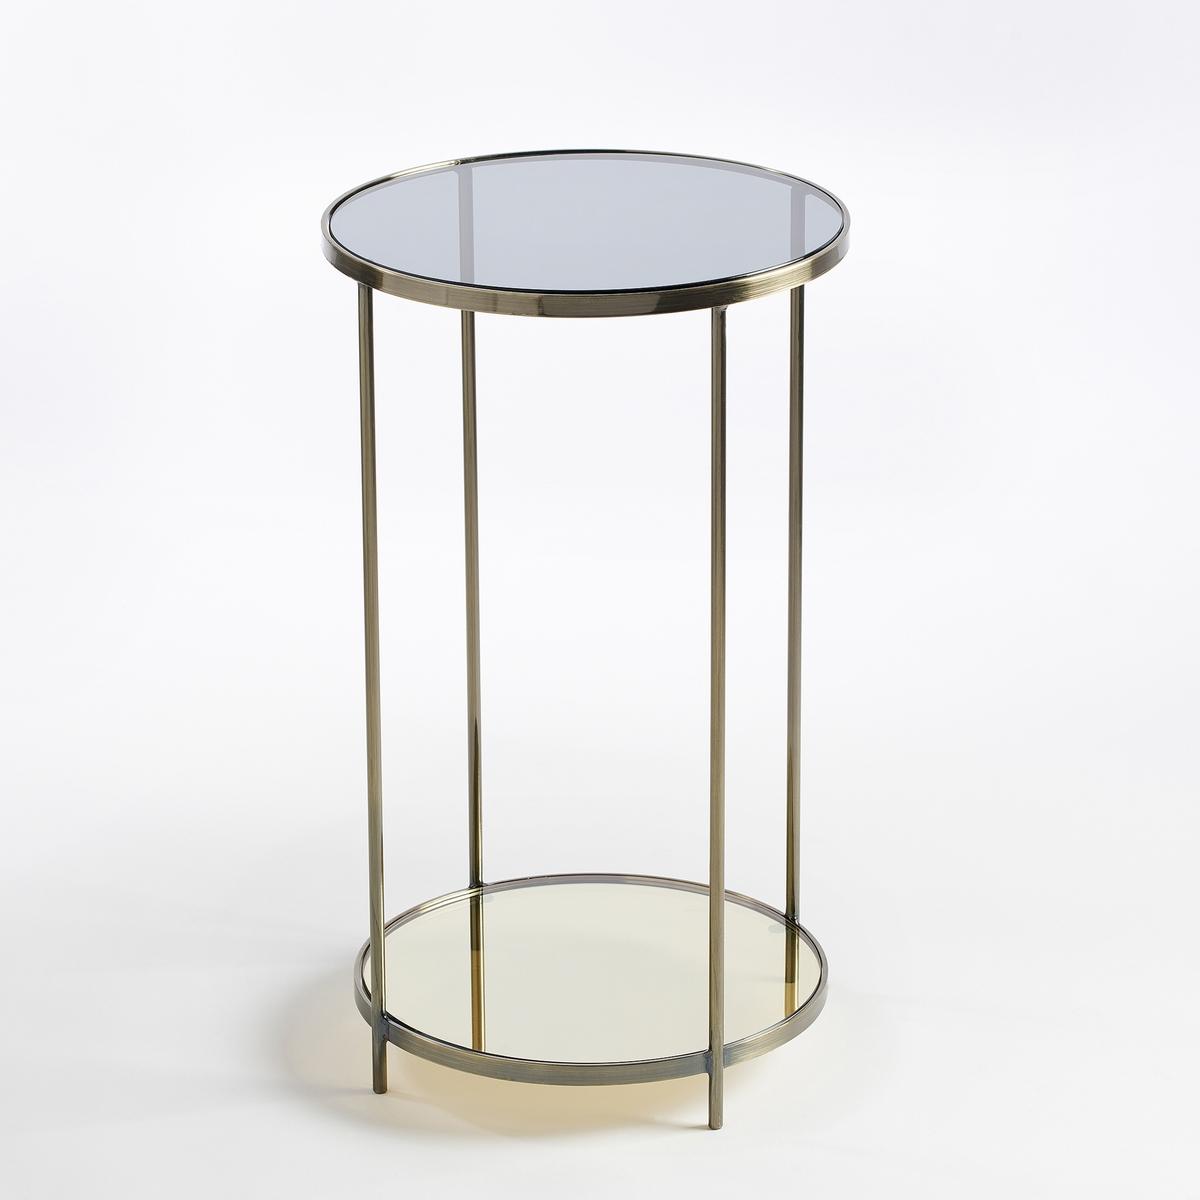 Тумба La Redoute Прикроватная круглая - журнальный столик Ulupna из остаренной латуни единый размер золотистый